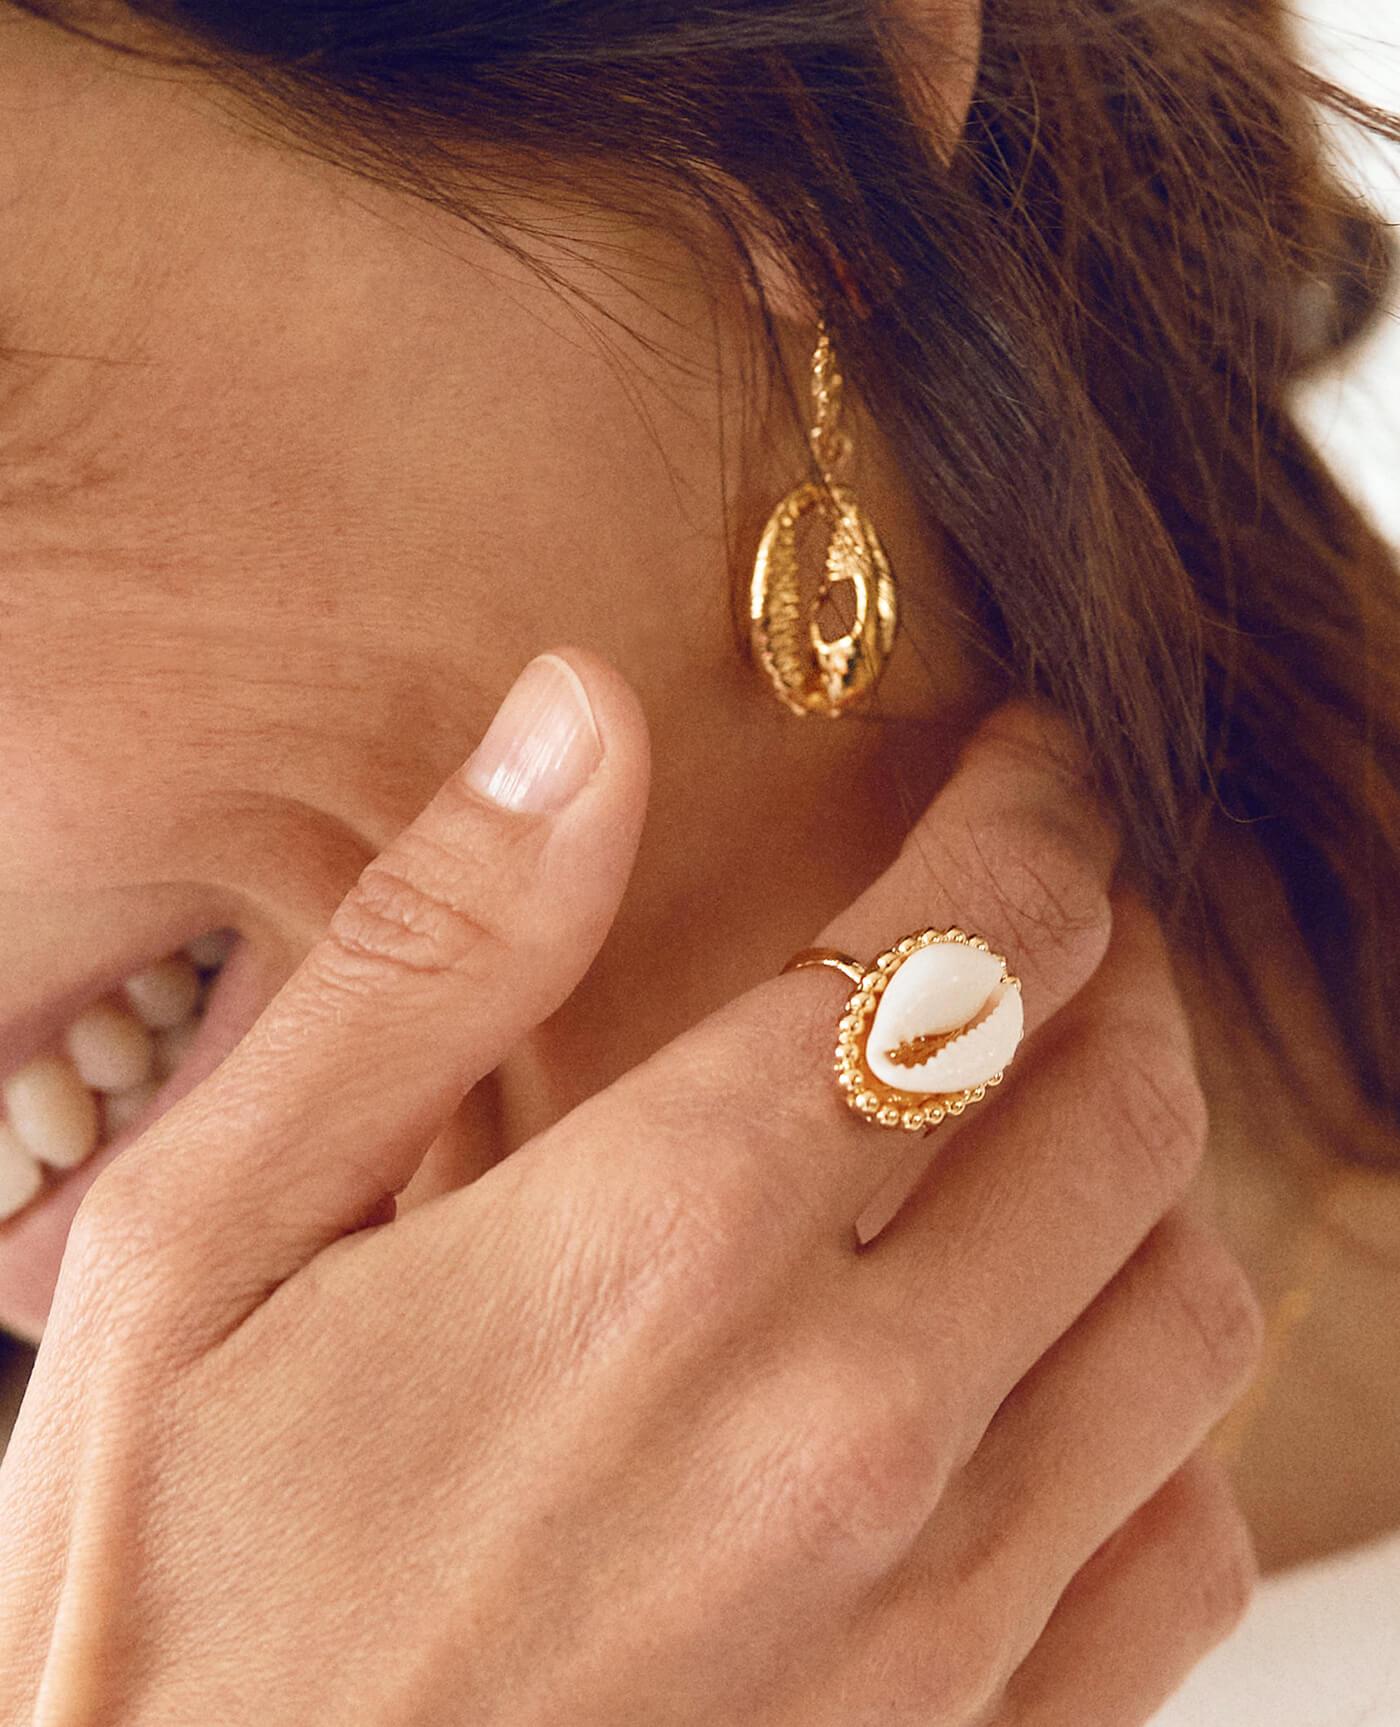 bague en or coquillage modèle Liosa de la marque Elise Tsikis